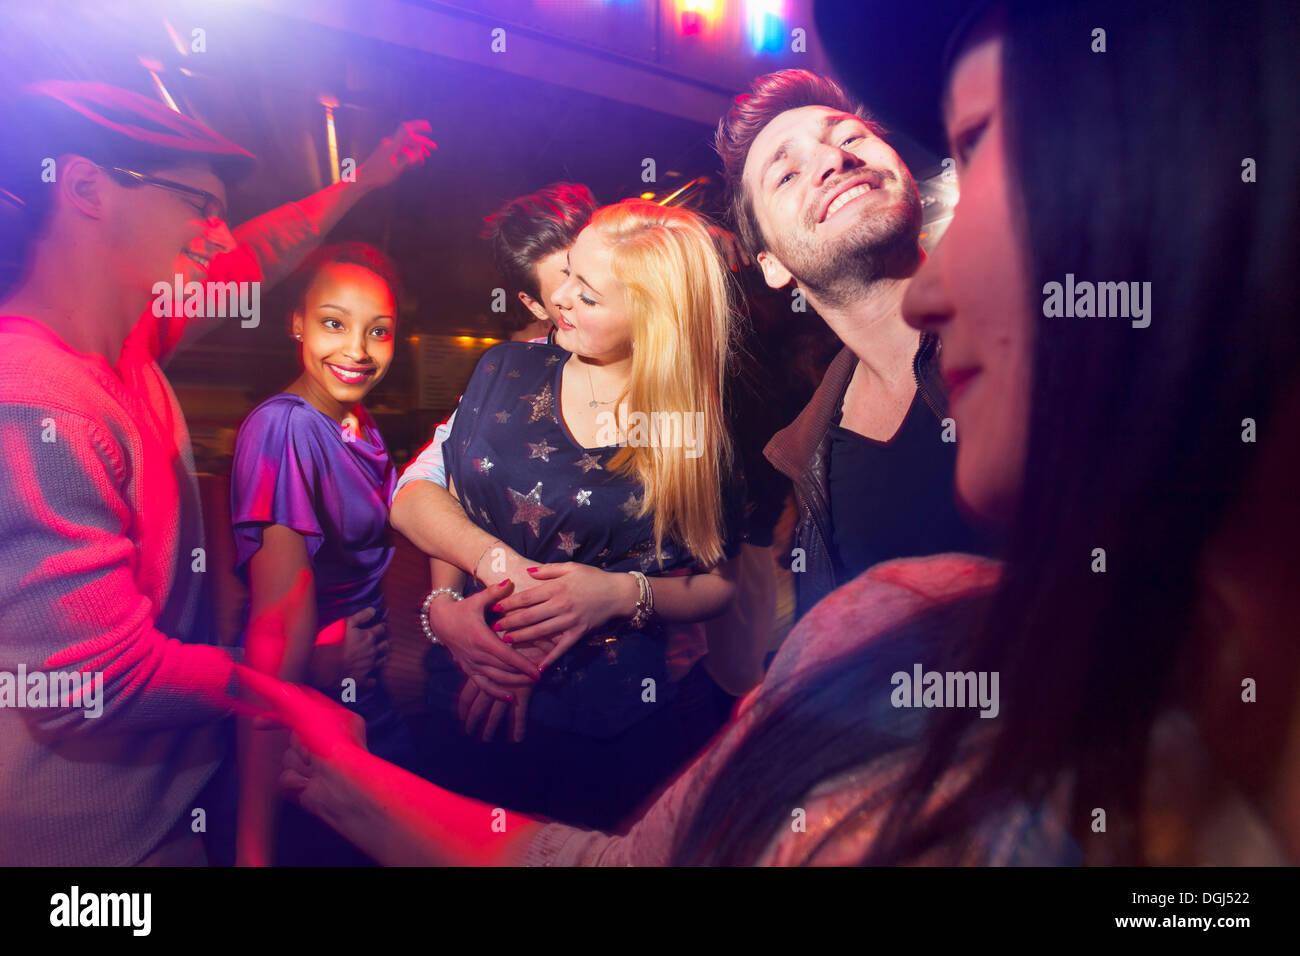 Grupo de personas de la fiesta, el hombre besar el cuello de mujer Imagen De Stock